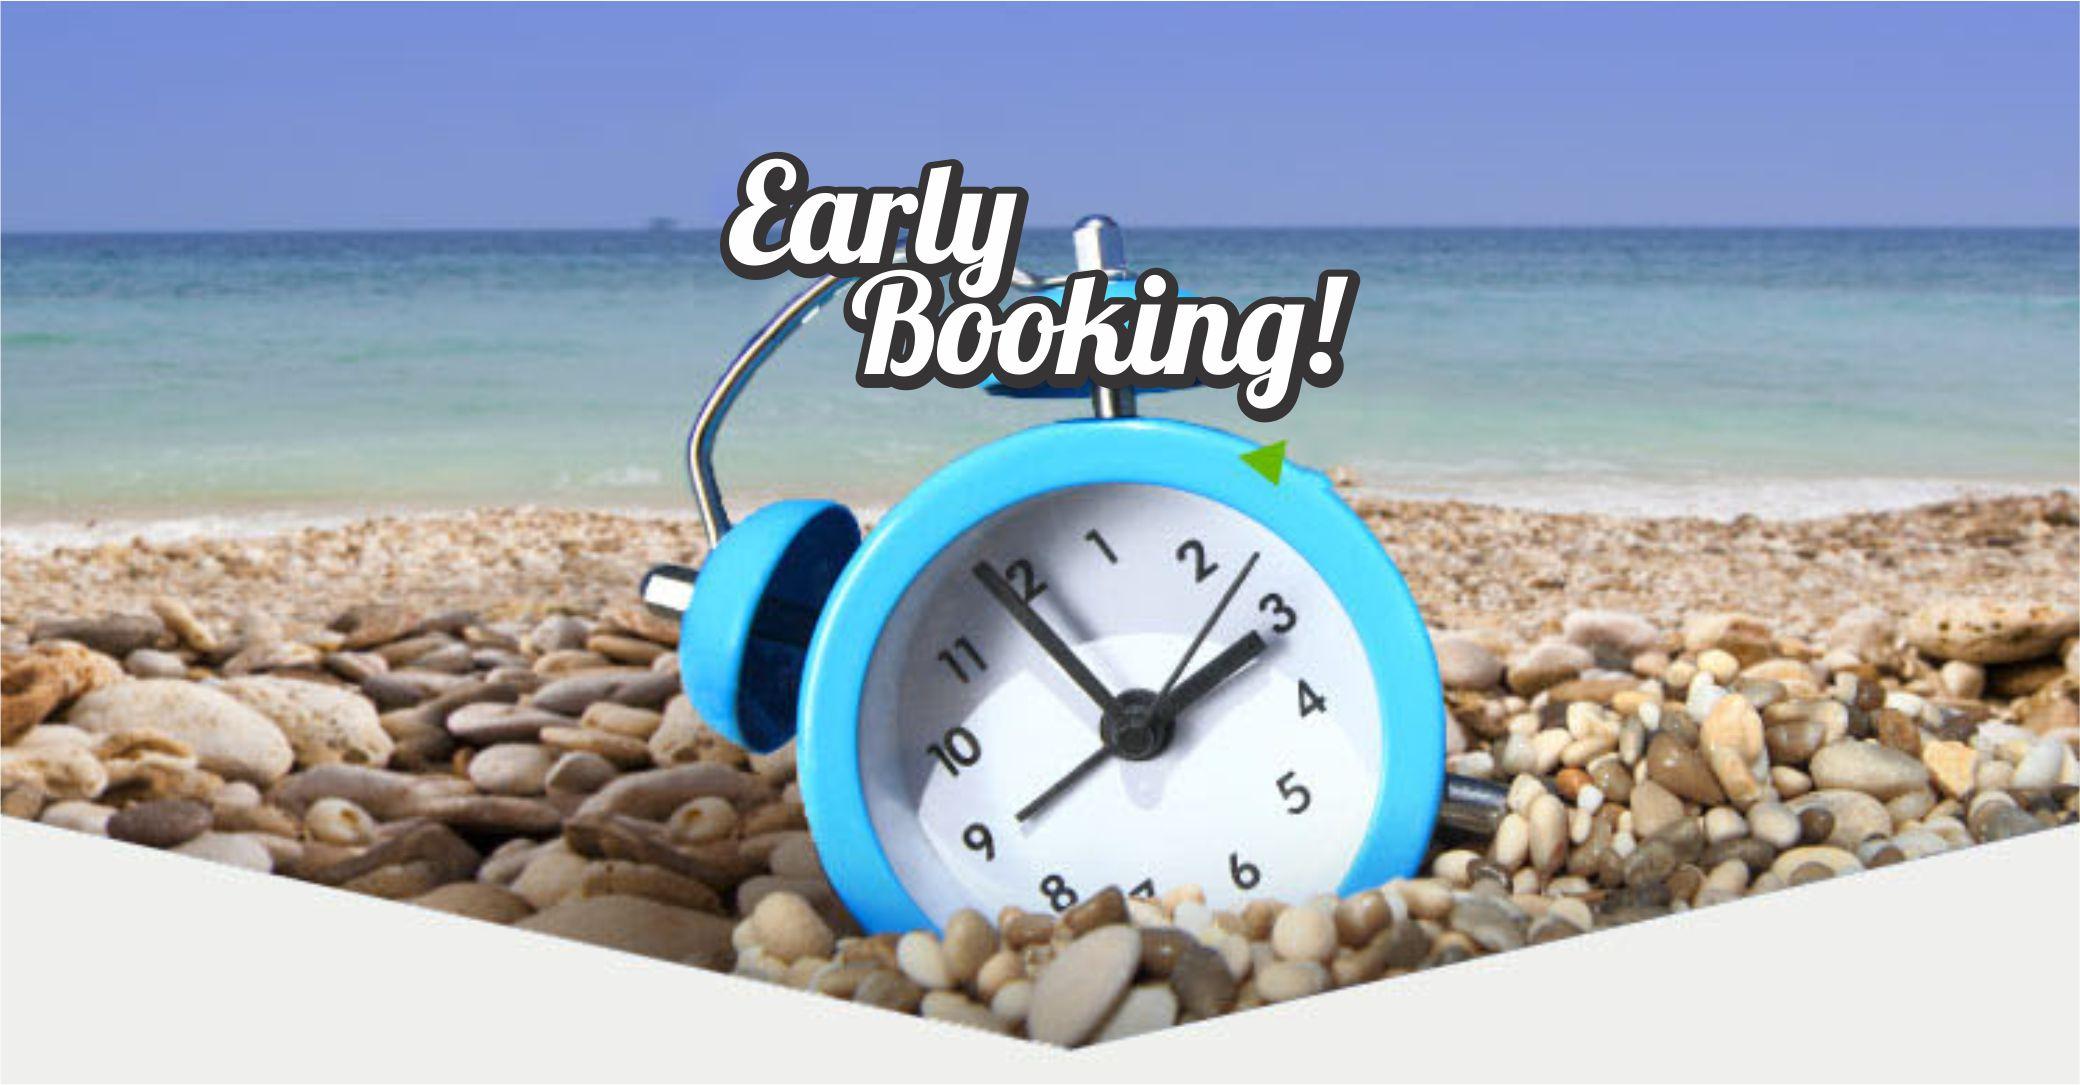 Oferte Early Booking pana la 31 ianuarie! Profita acum!